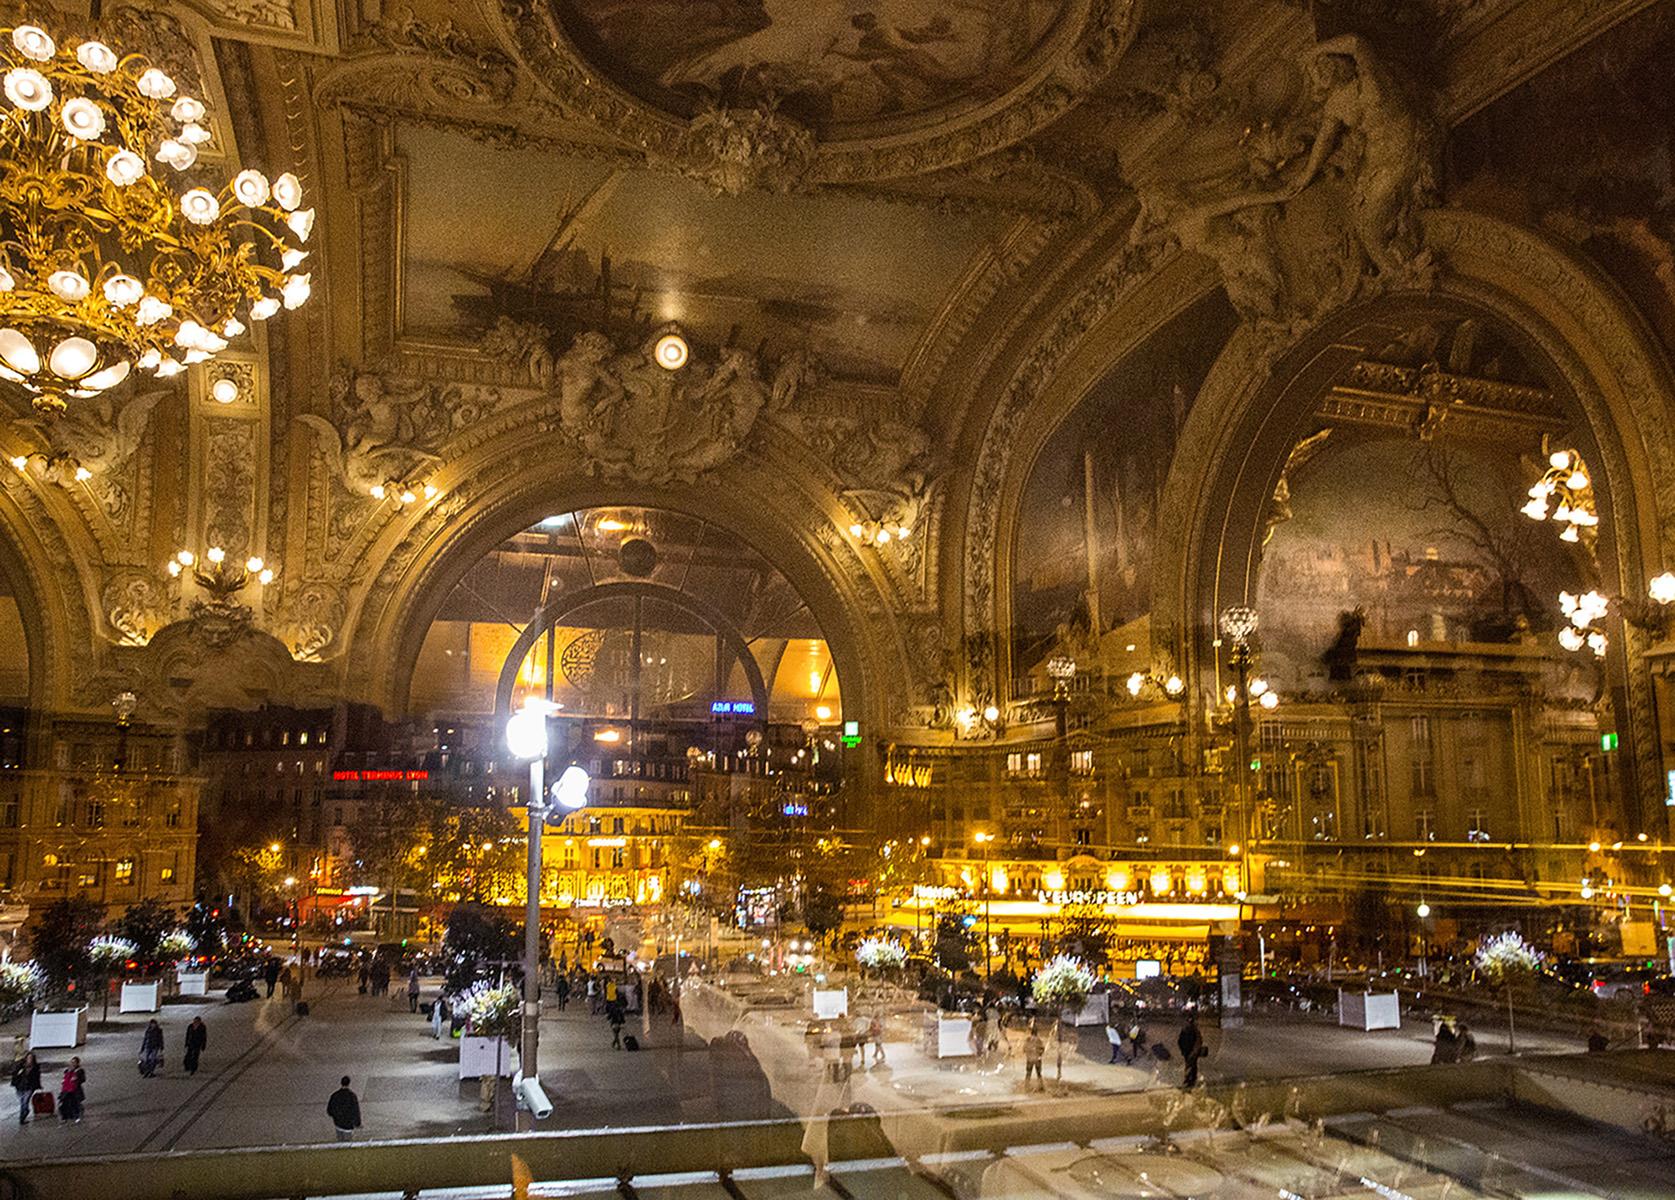 Le Train Bleu Reflections  Gare de Lyon  Paris